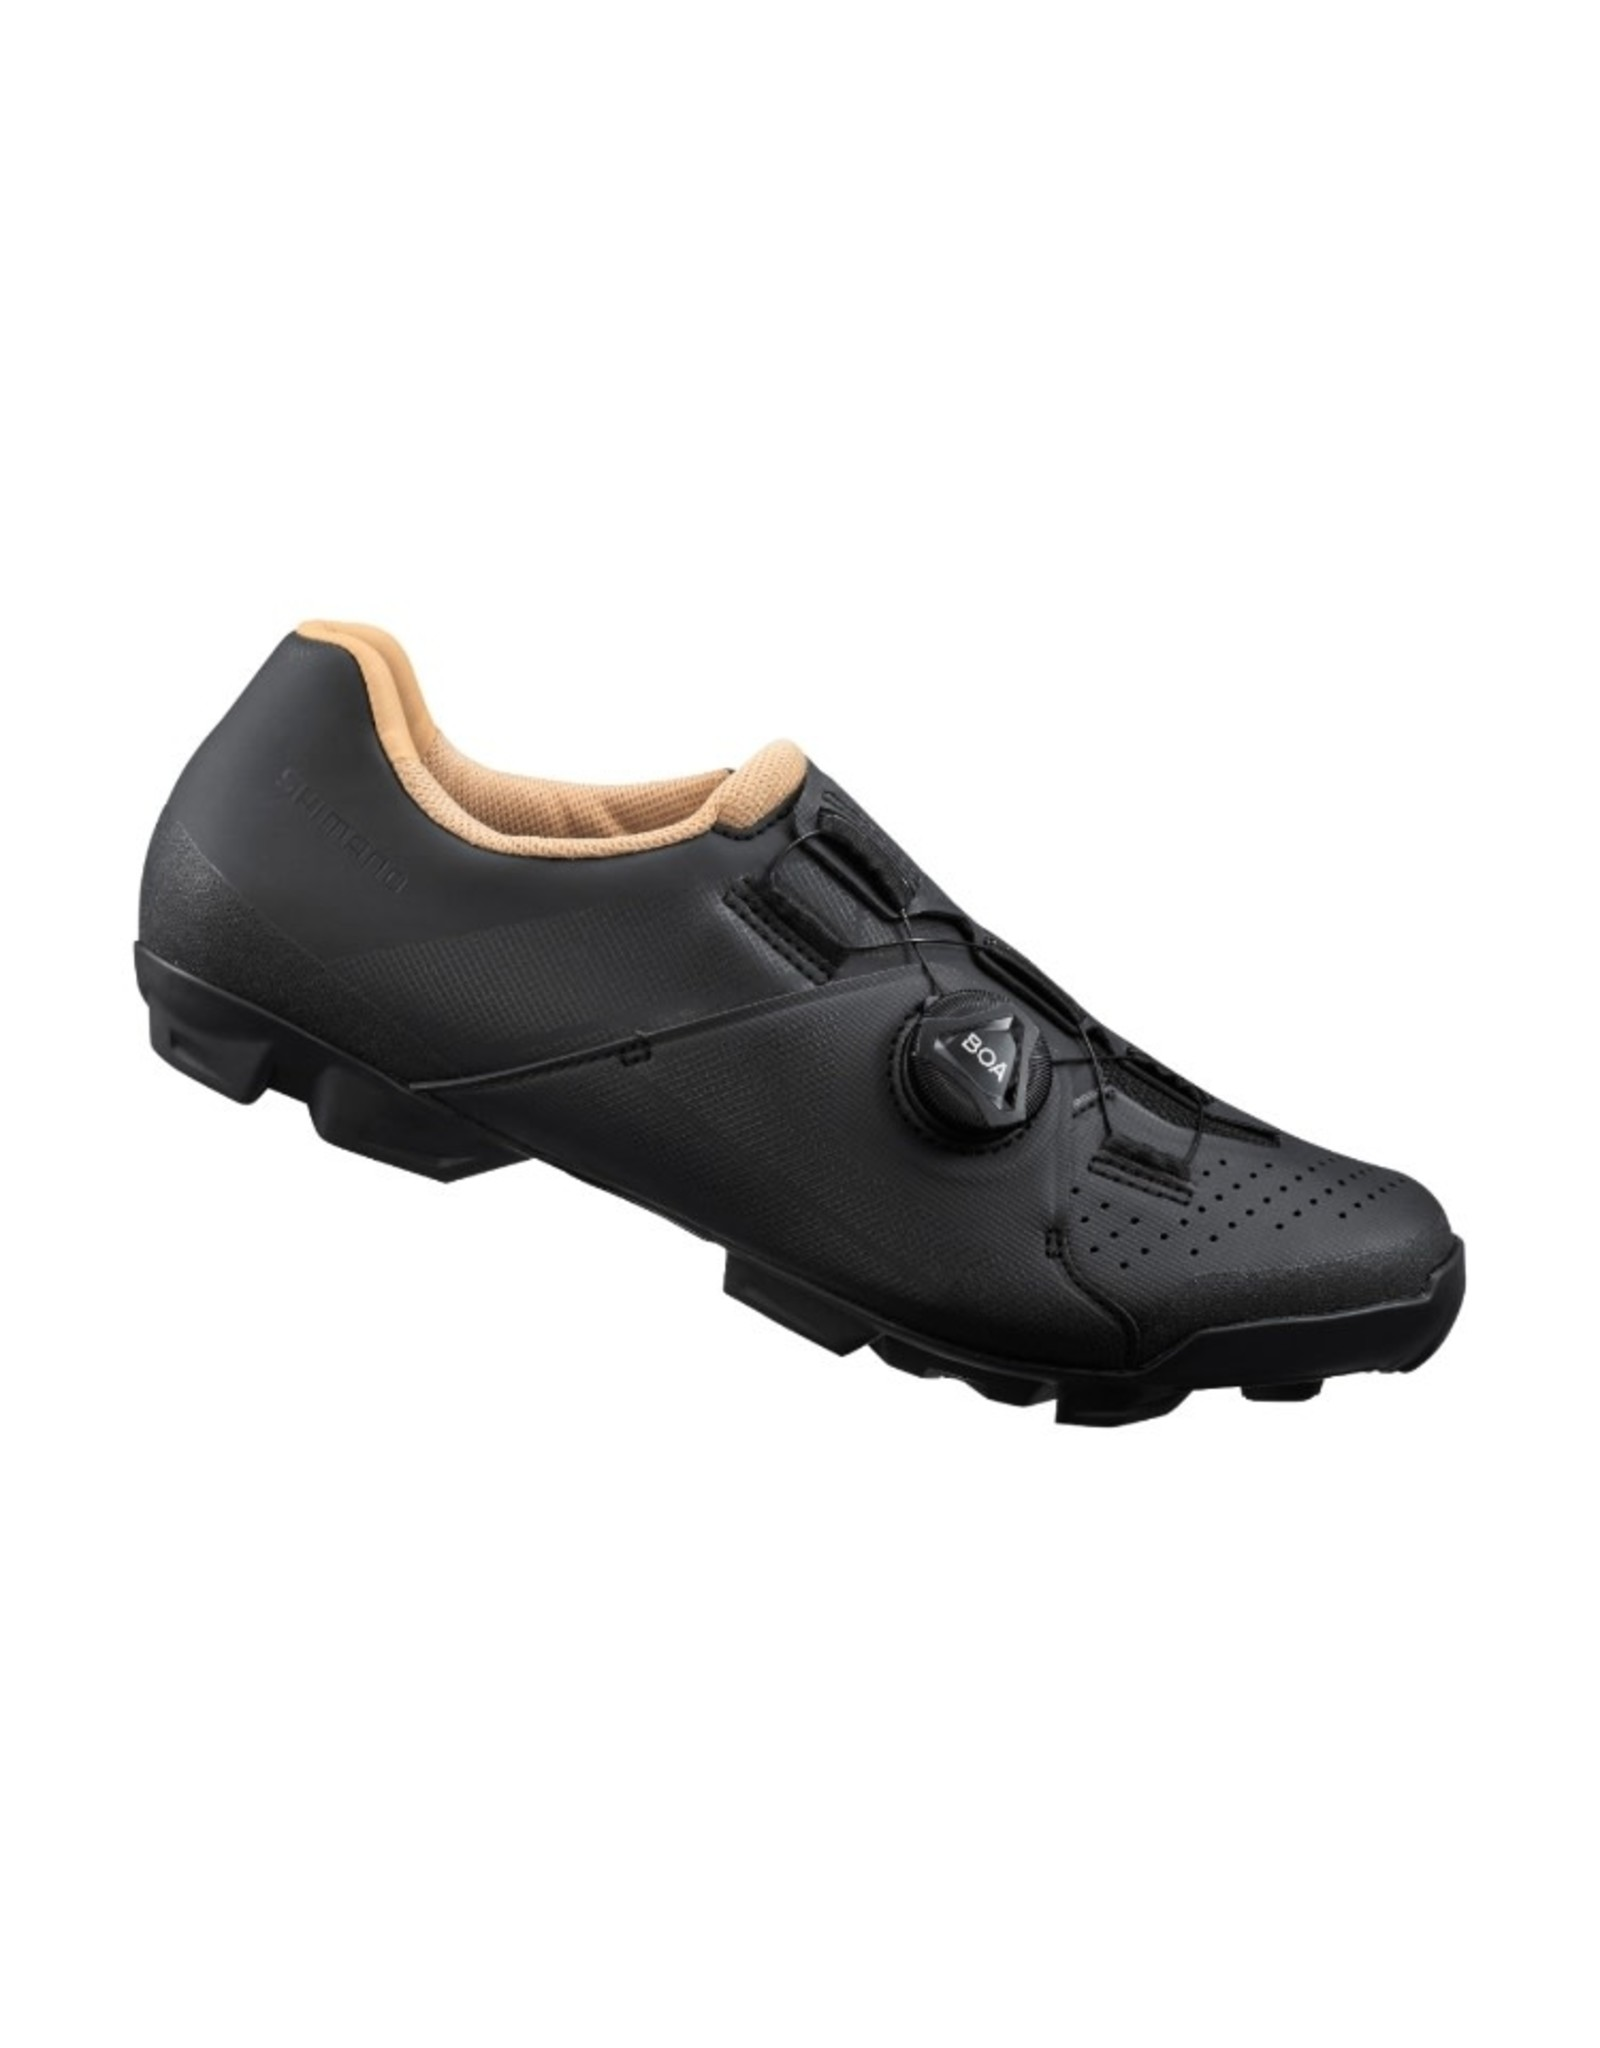 Shimano SH-XC300 SPD Women's MTB Shoes